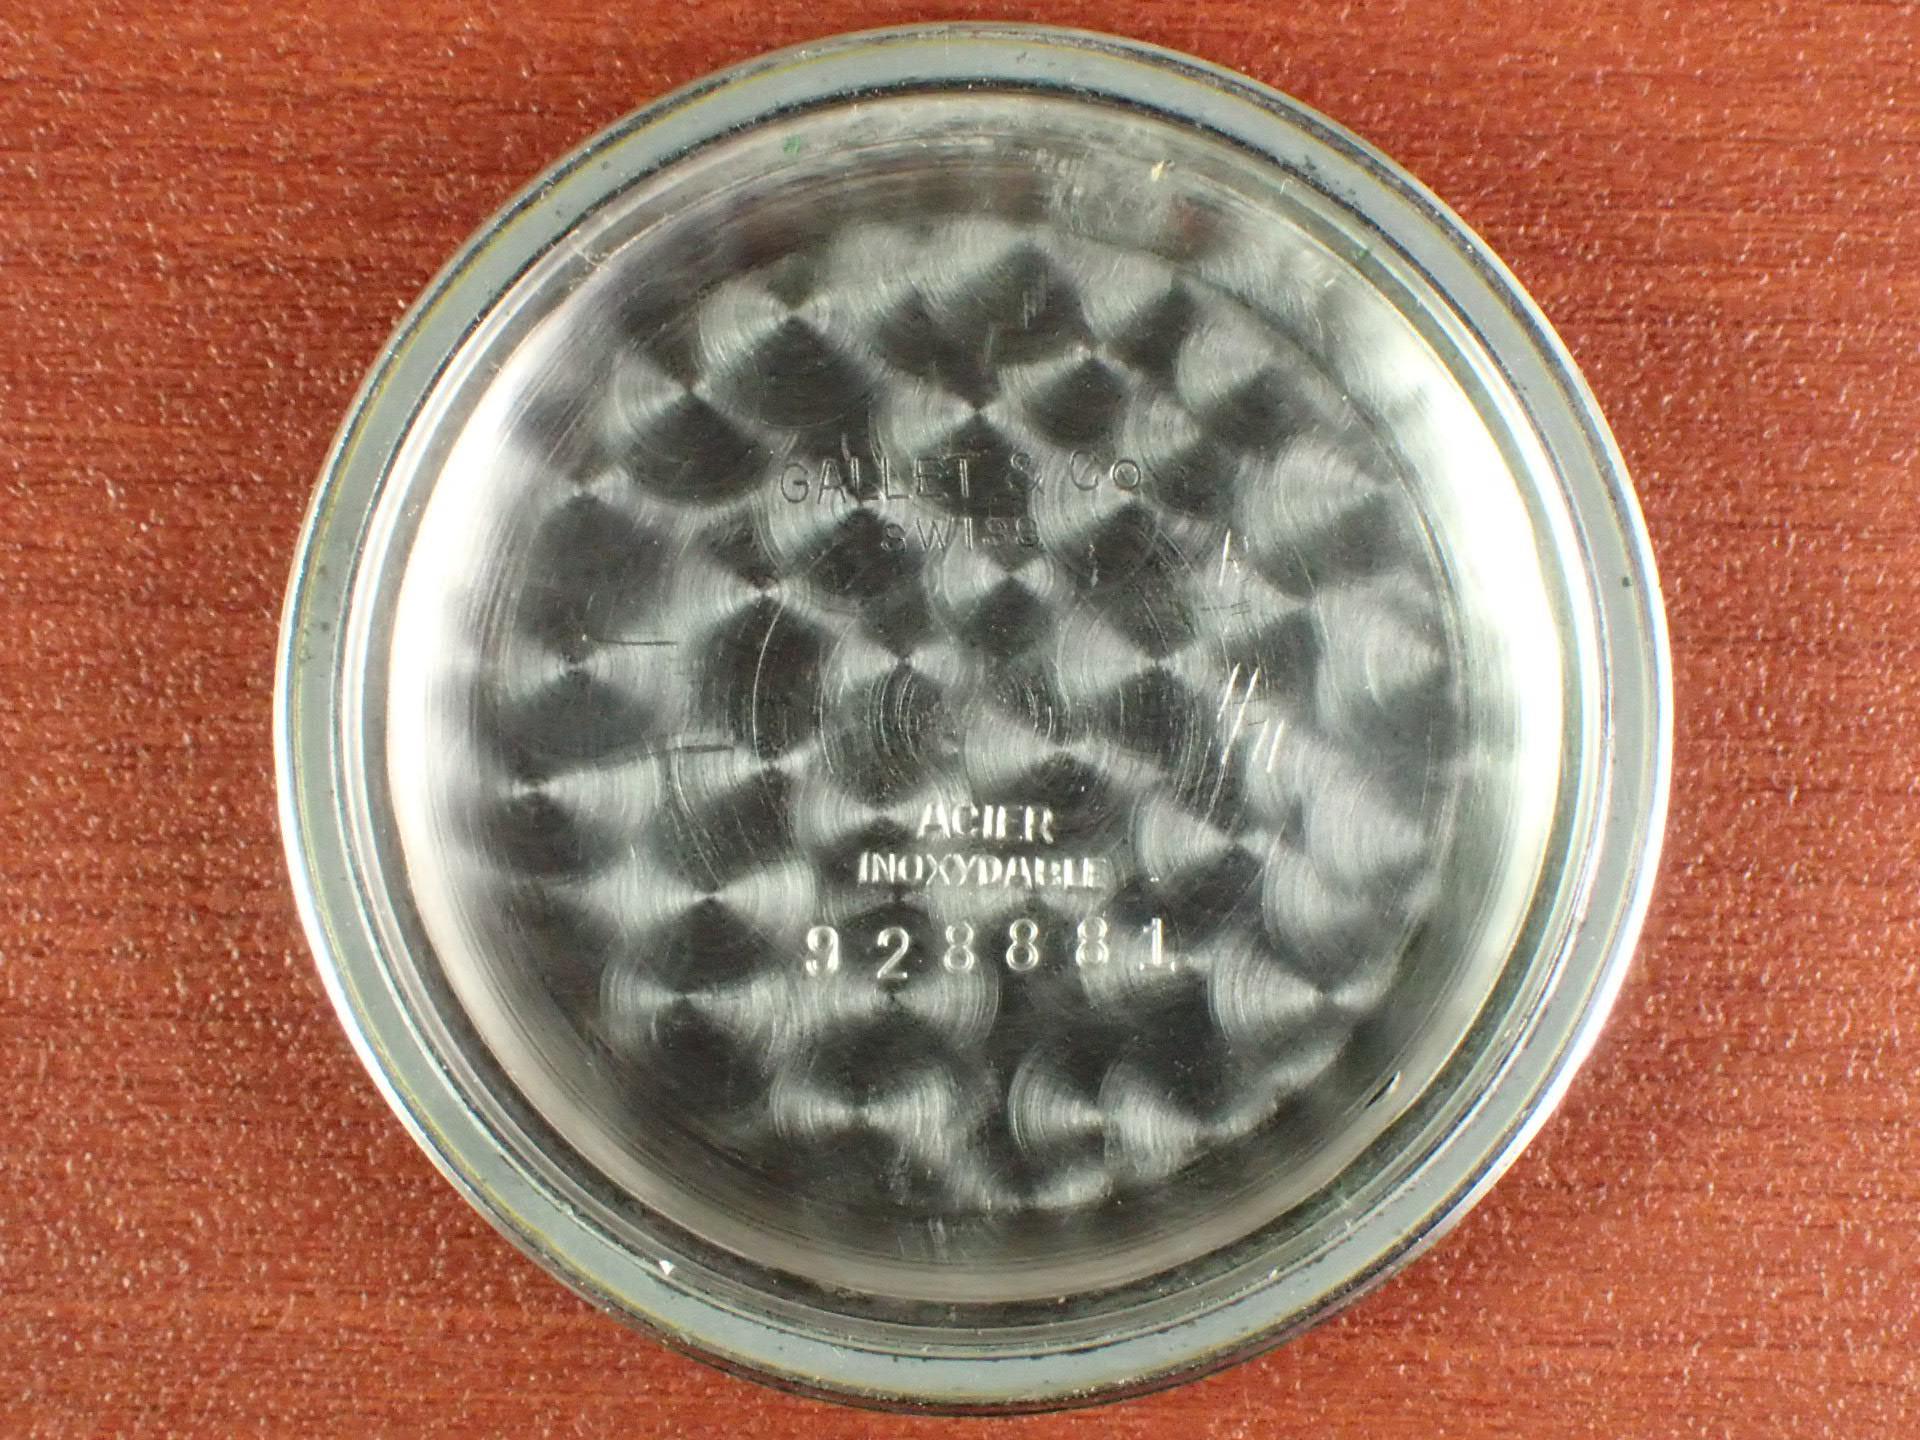 ギャレット クロノグラフ エクセルシオパーク40-68 ホワイトダイアル 1960年代の写真6枚目